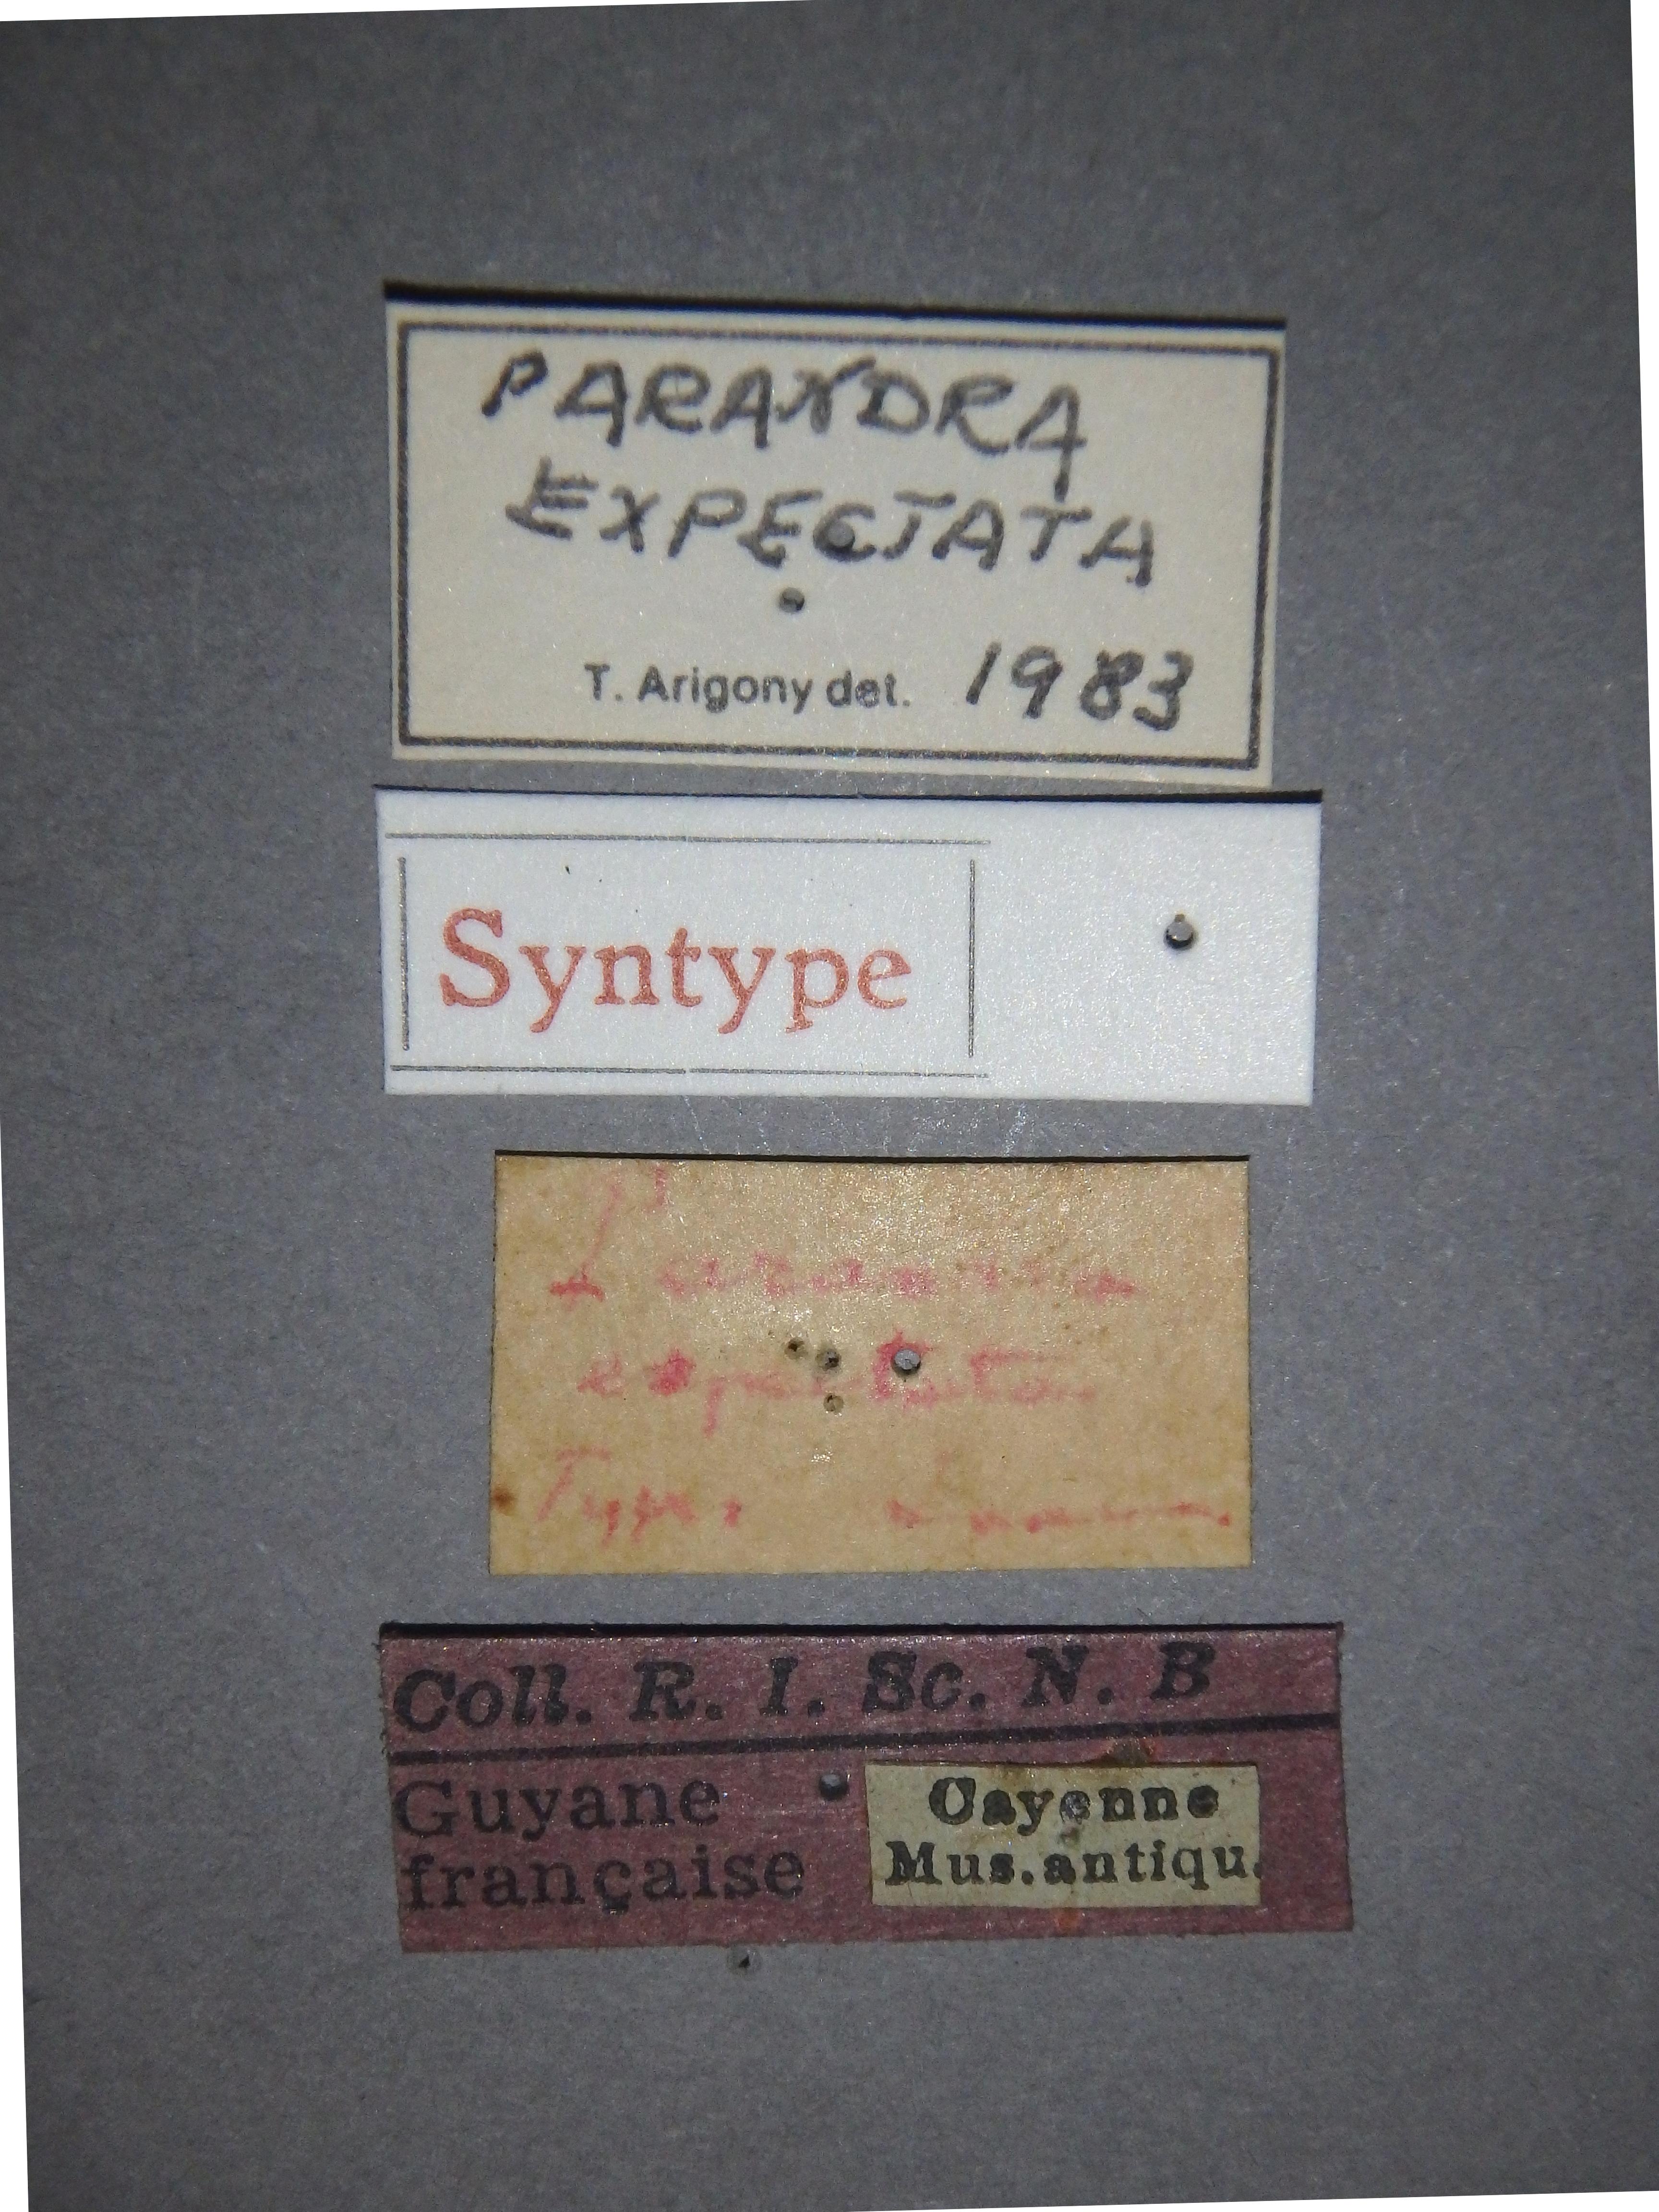 Parandra (Hesperandra) expectata st2 Lb.JPG